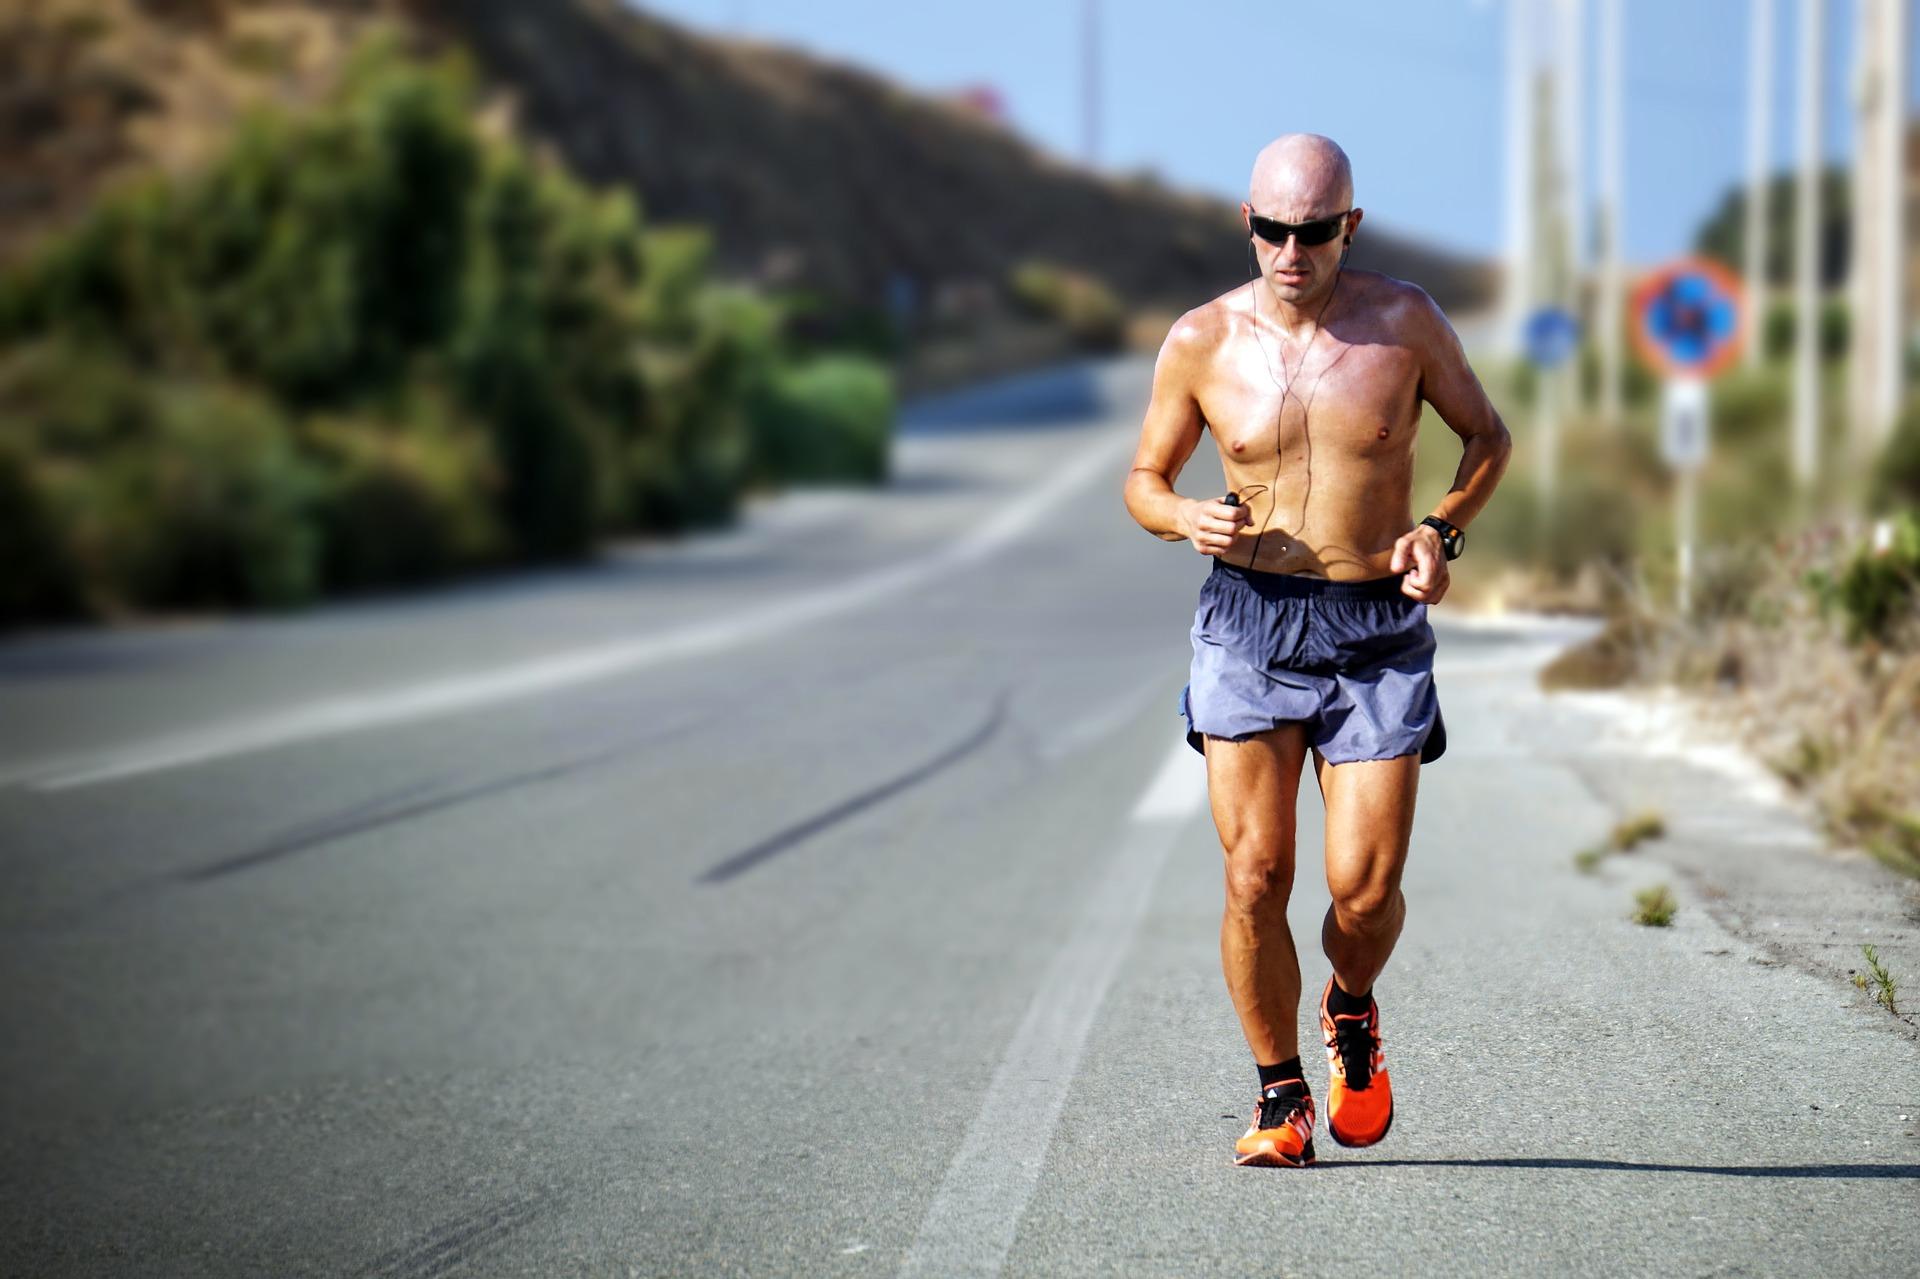 Jak przygotować się do maratonu? – samodzielnie czy z pomocą trenera